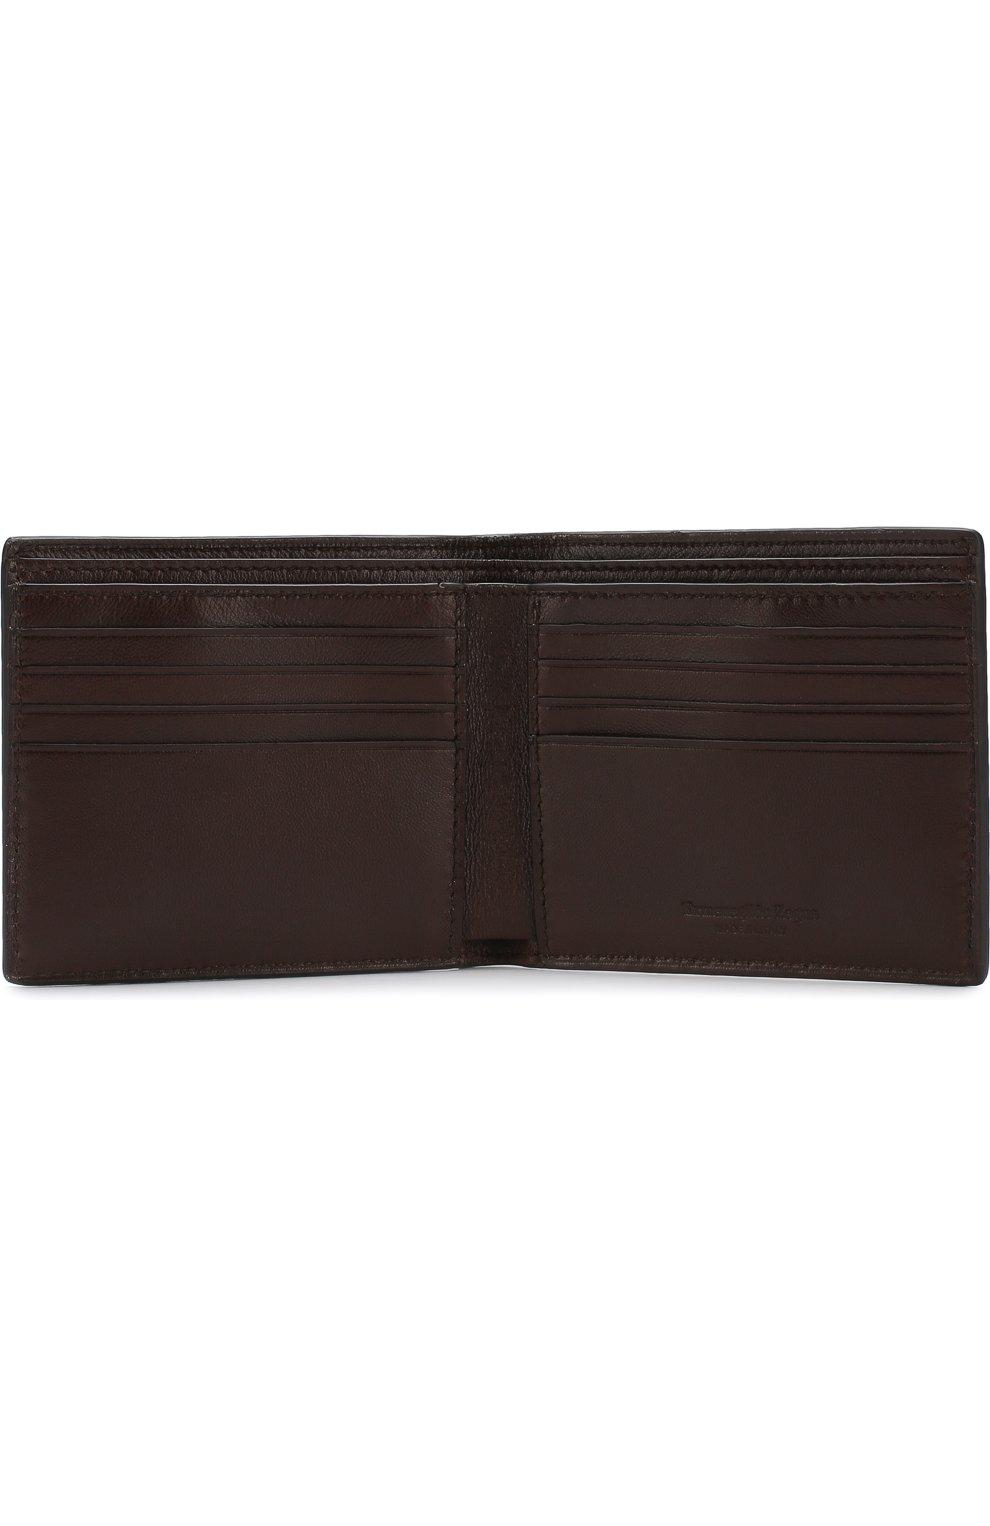 Мужской кожаное портмоне с отделениями для кредитных карт ERMENEGILDO ZEGNA темно-коричневого цвета, арт. E1258T-AFR | Фото 3